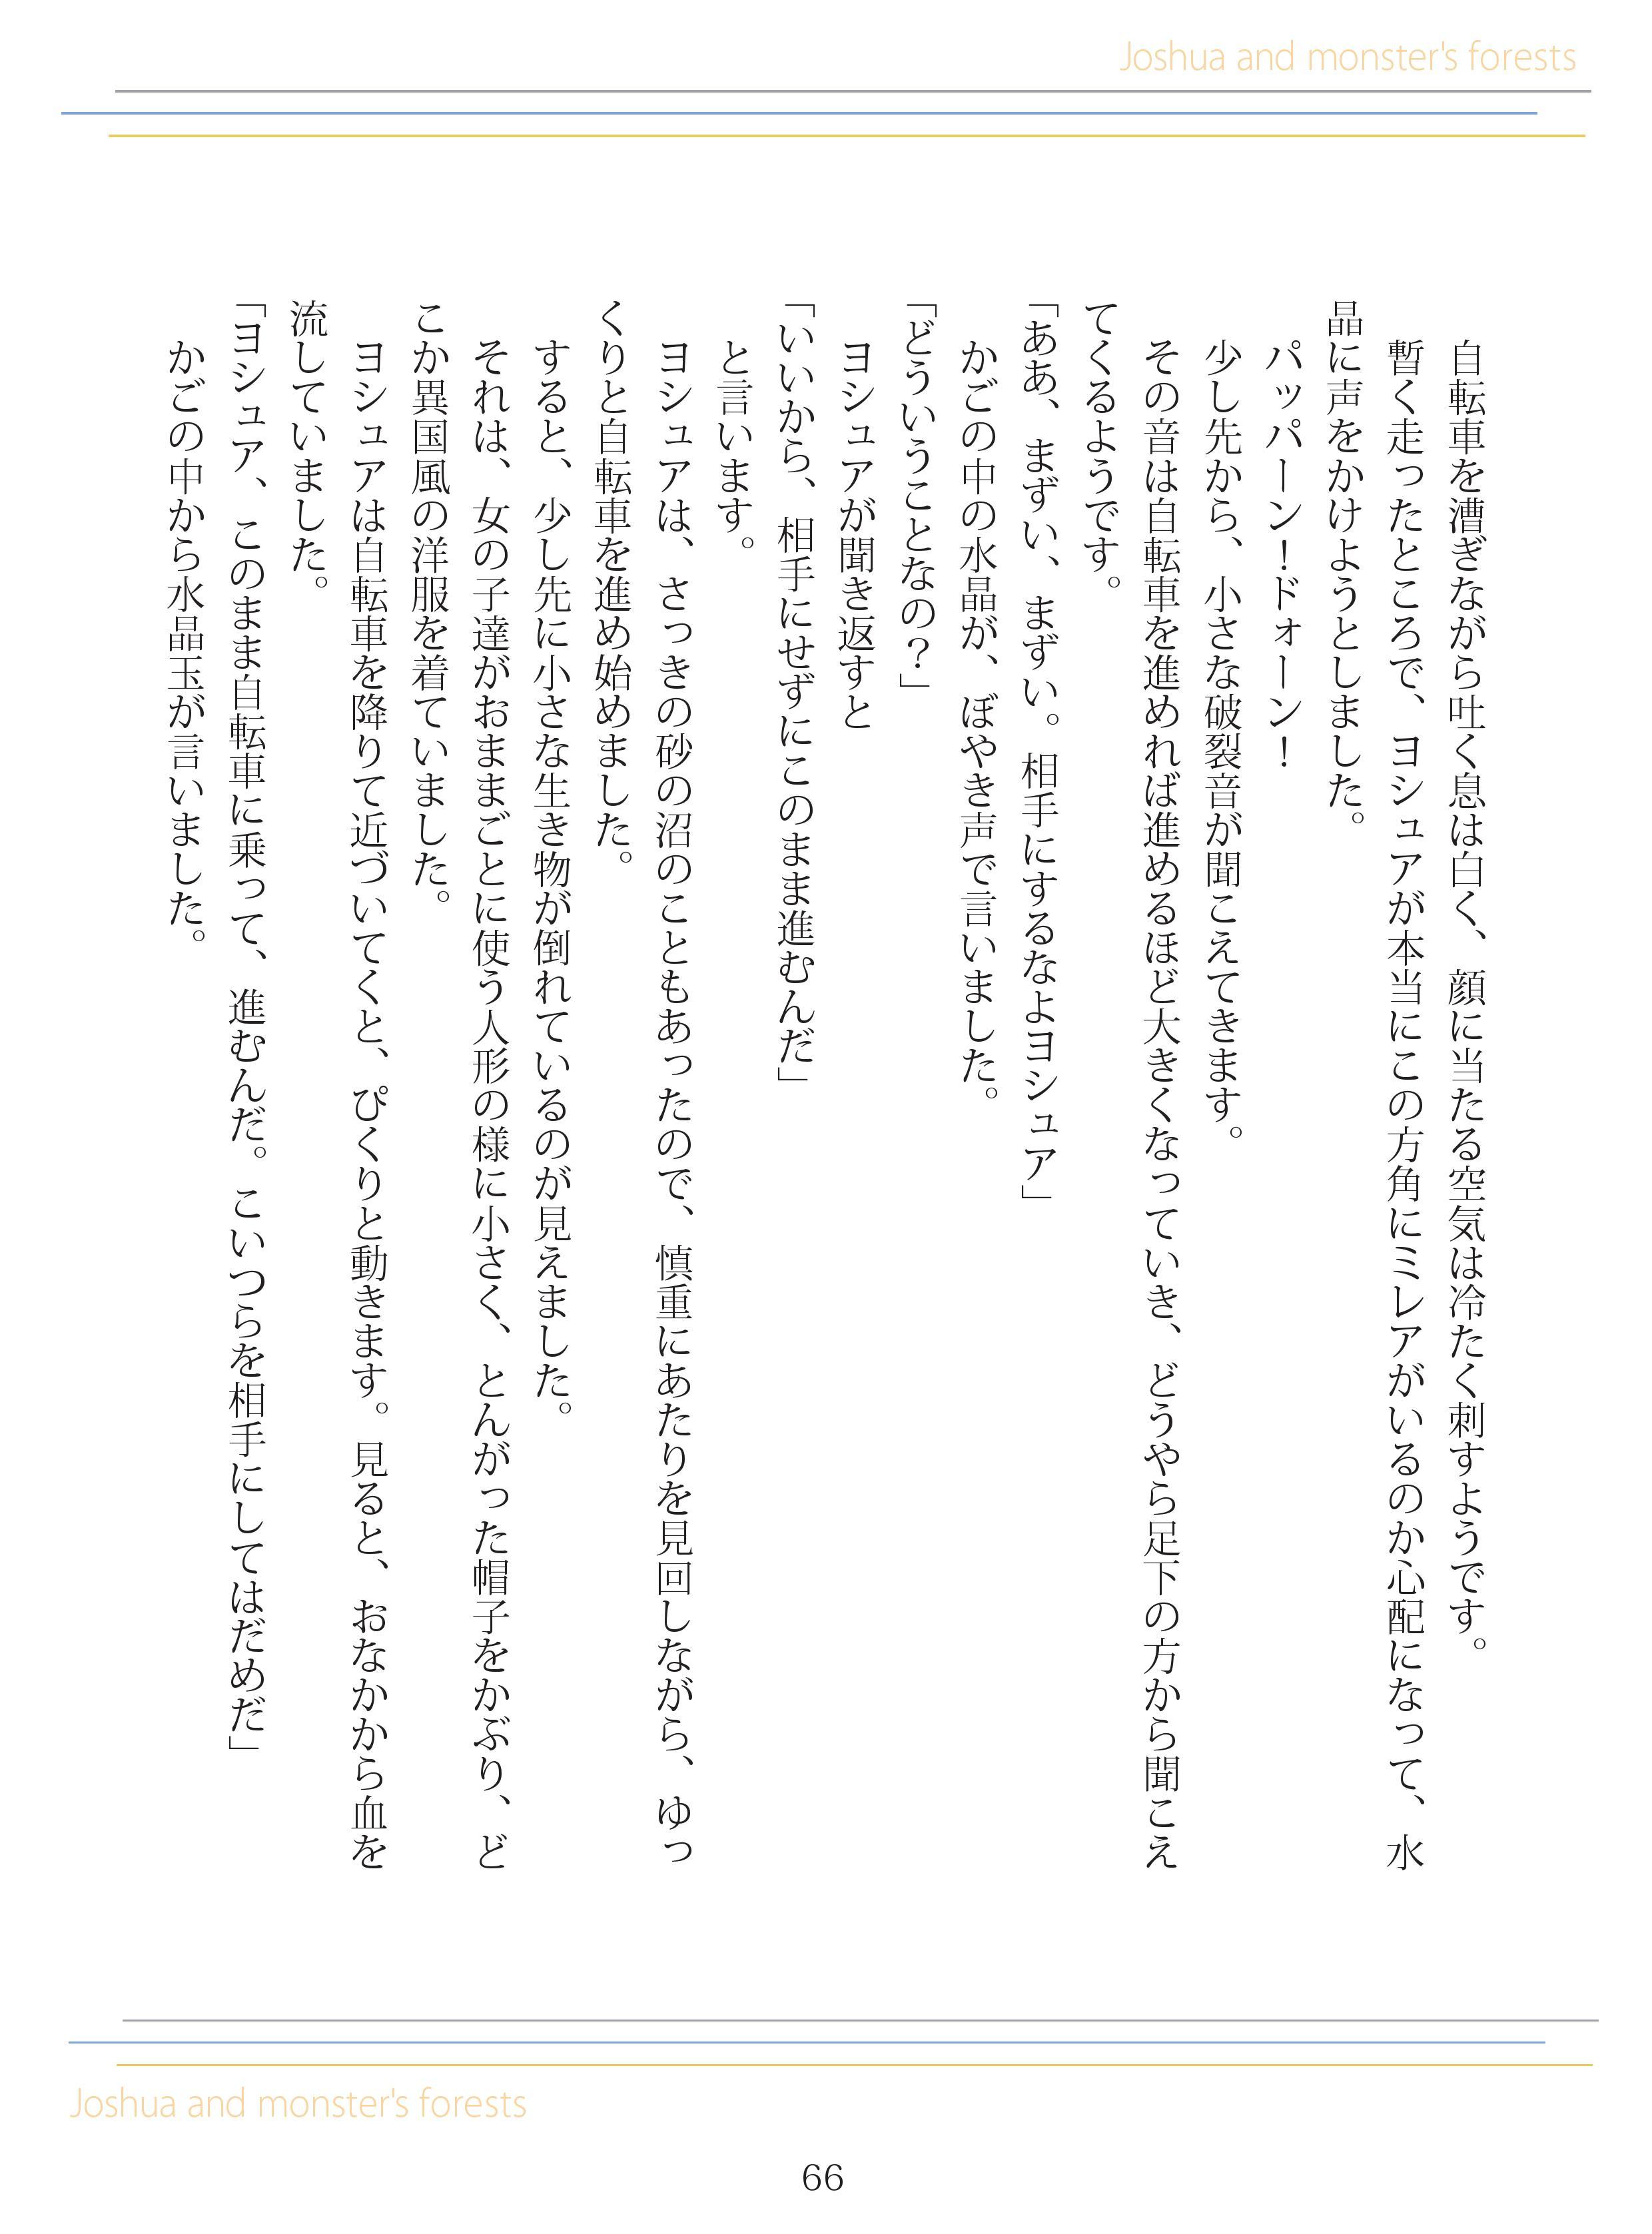 image_067